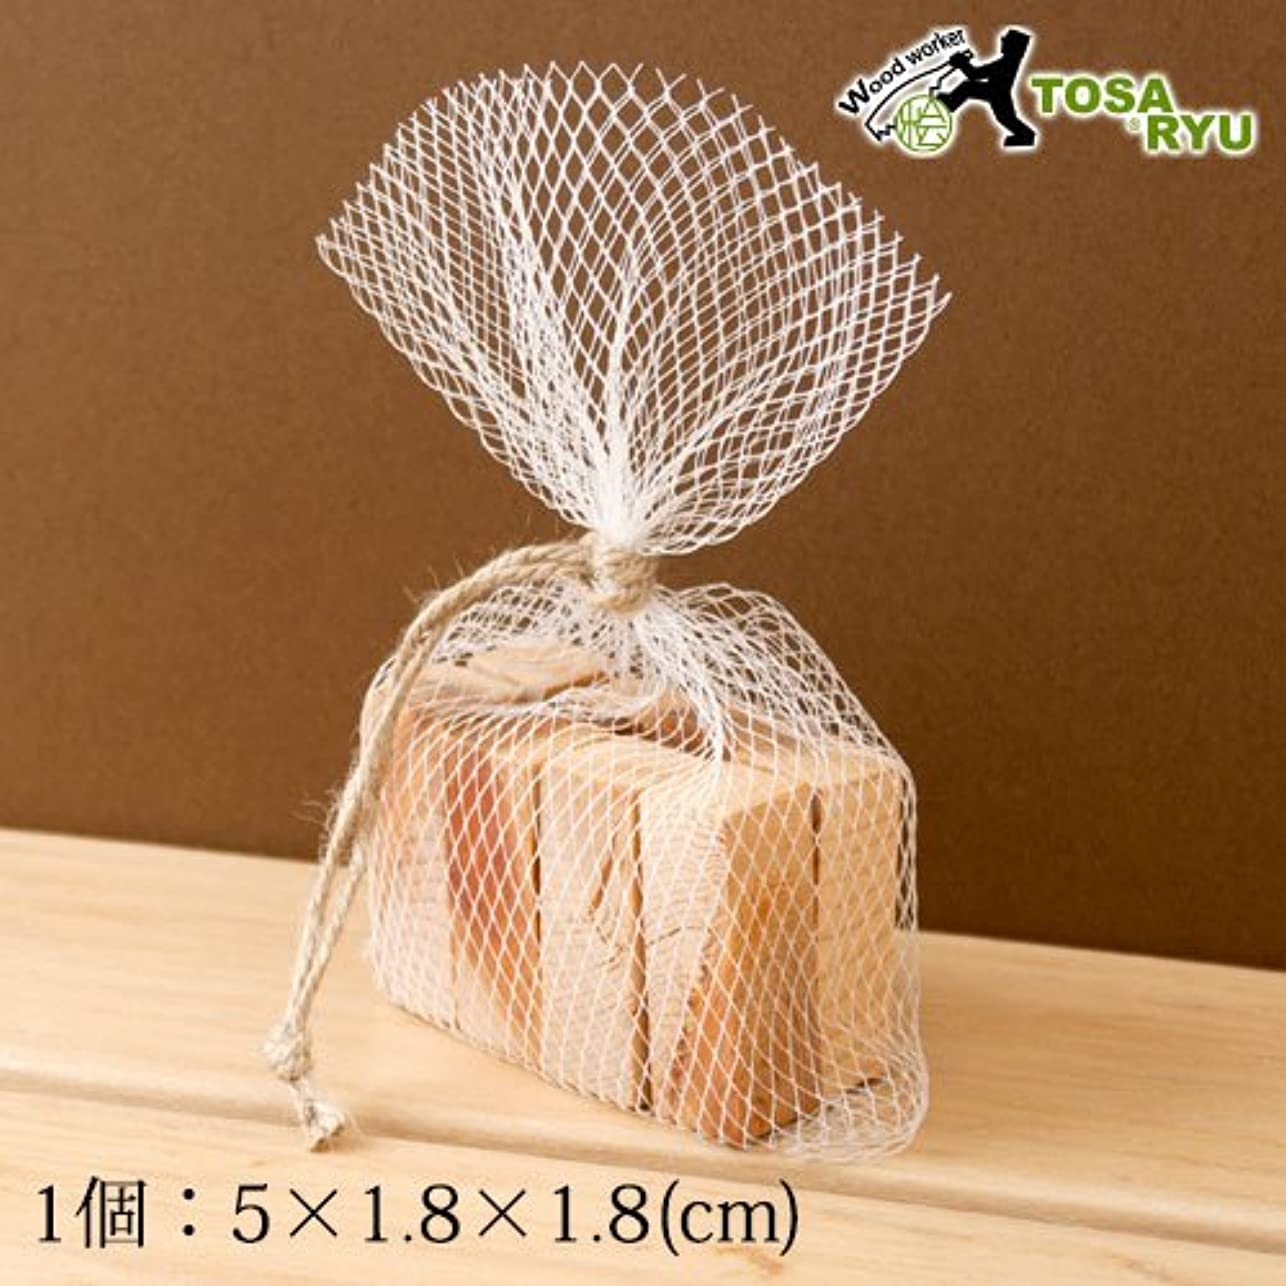 落ち着く歪めるくしゃくしゃ土佐龍アロマブロックメッシュ袋入り高知県の工芸品Bath additive of cypress, Kochi craft